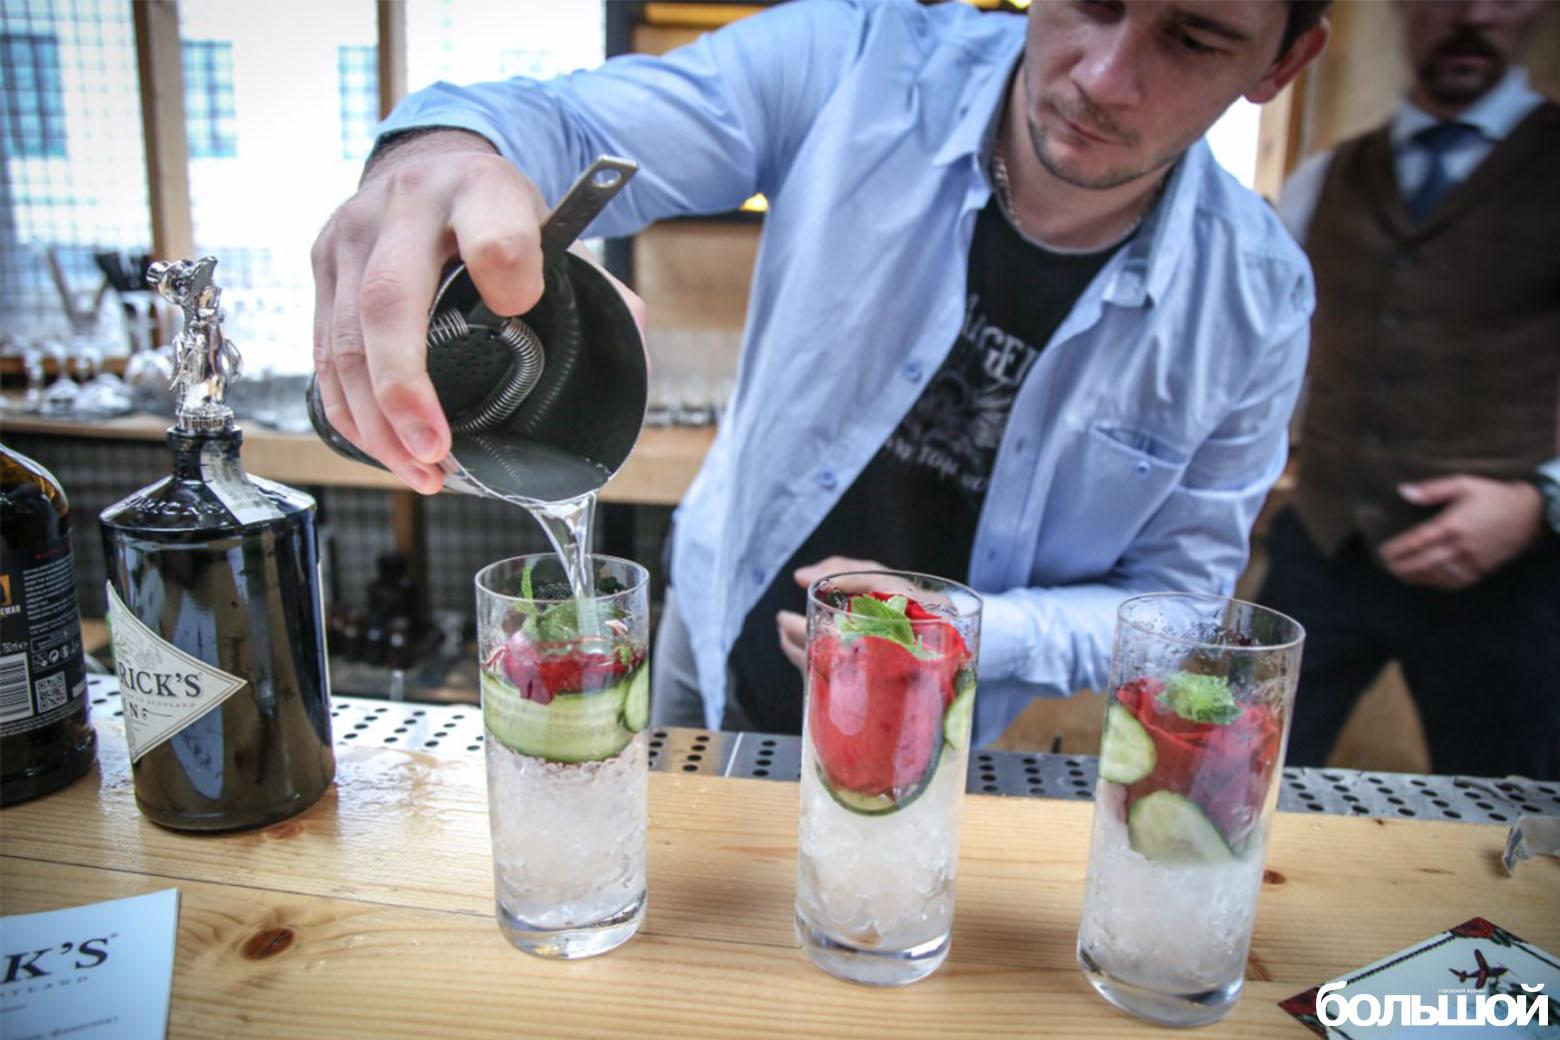 Hendrick's Gin Party